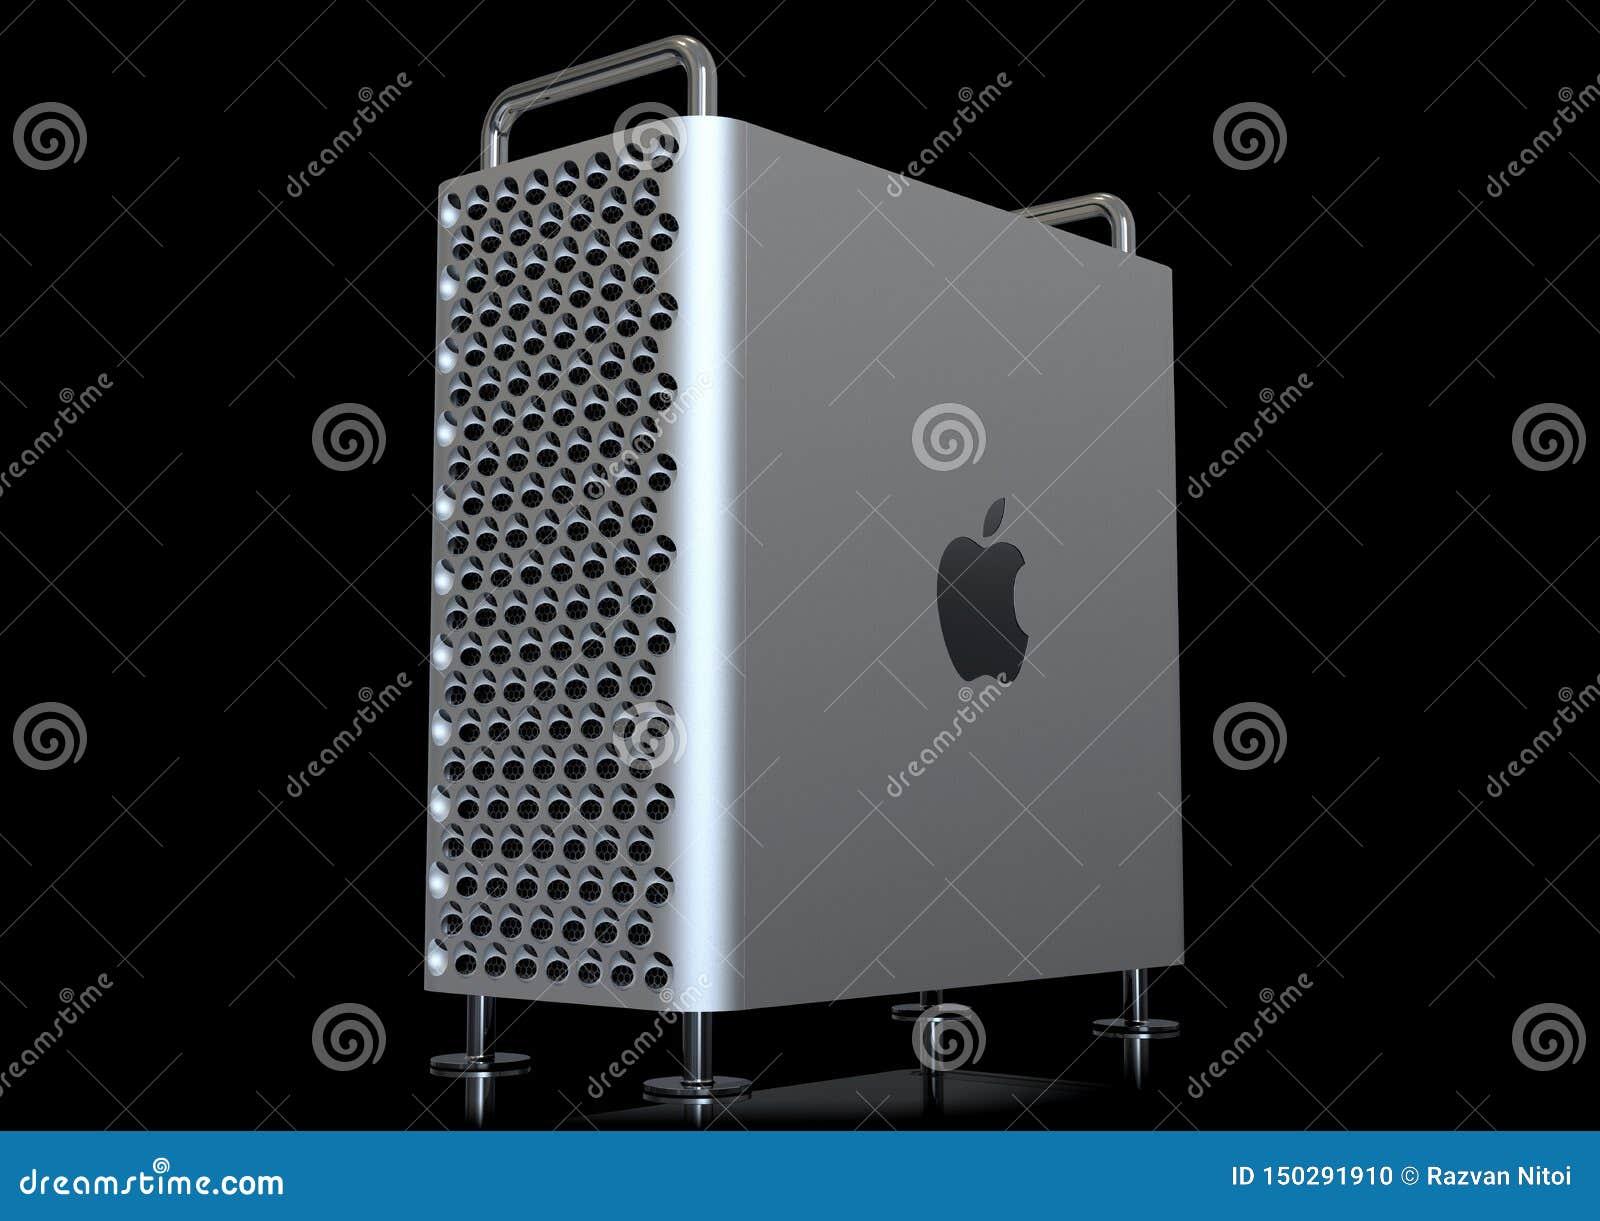 Apple Mac Pro 2019 skrivbords- dator, perspektiv på svart